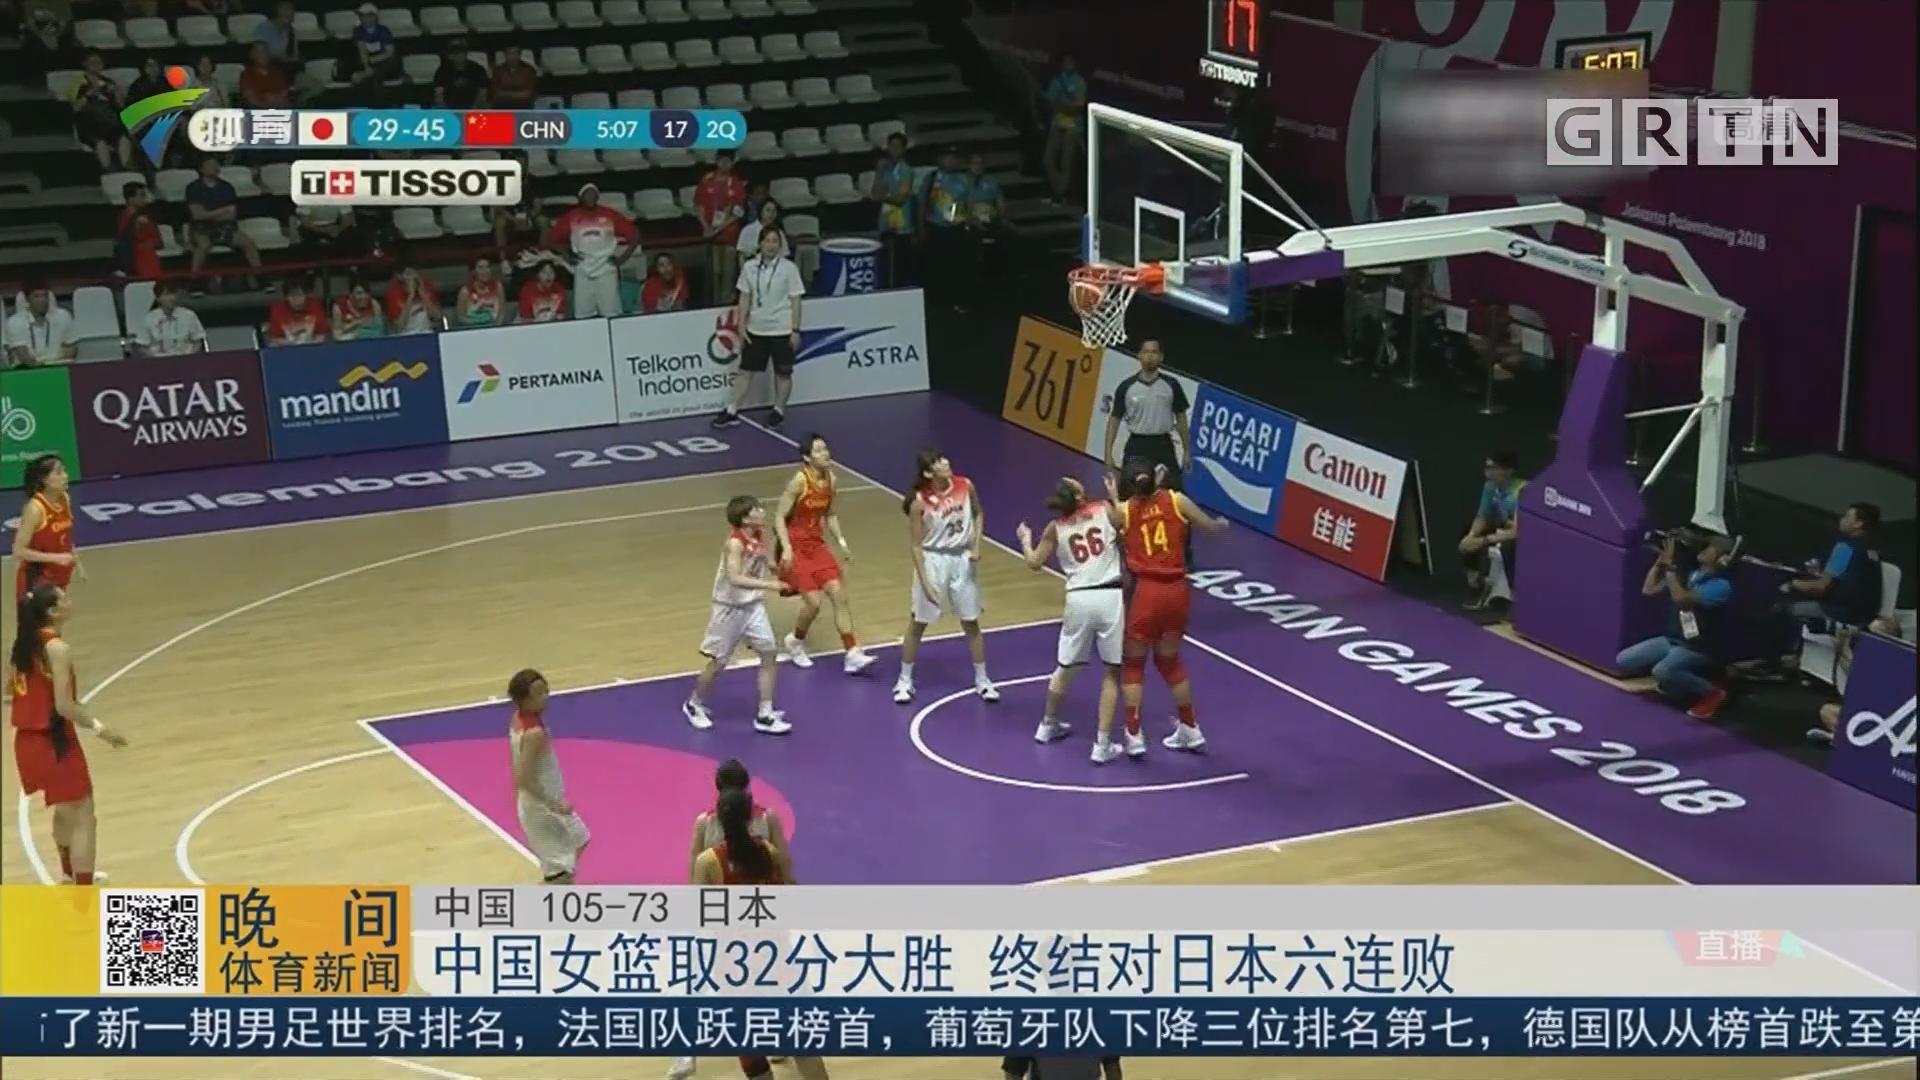 中国女篮取32分大胜 终结对日本六连胜